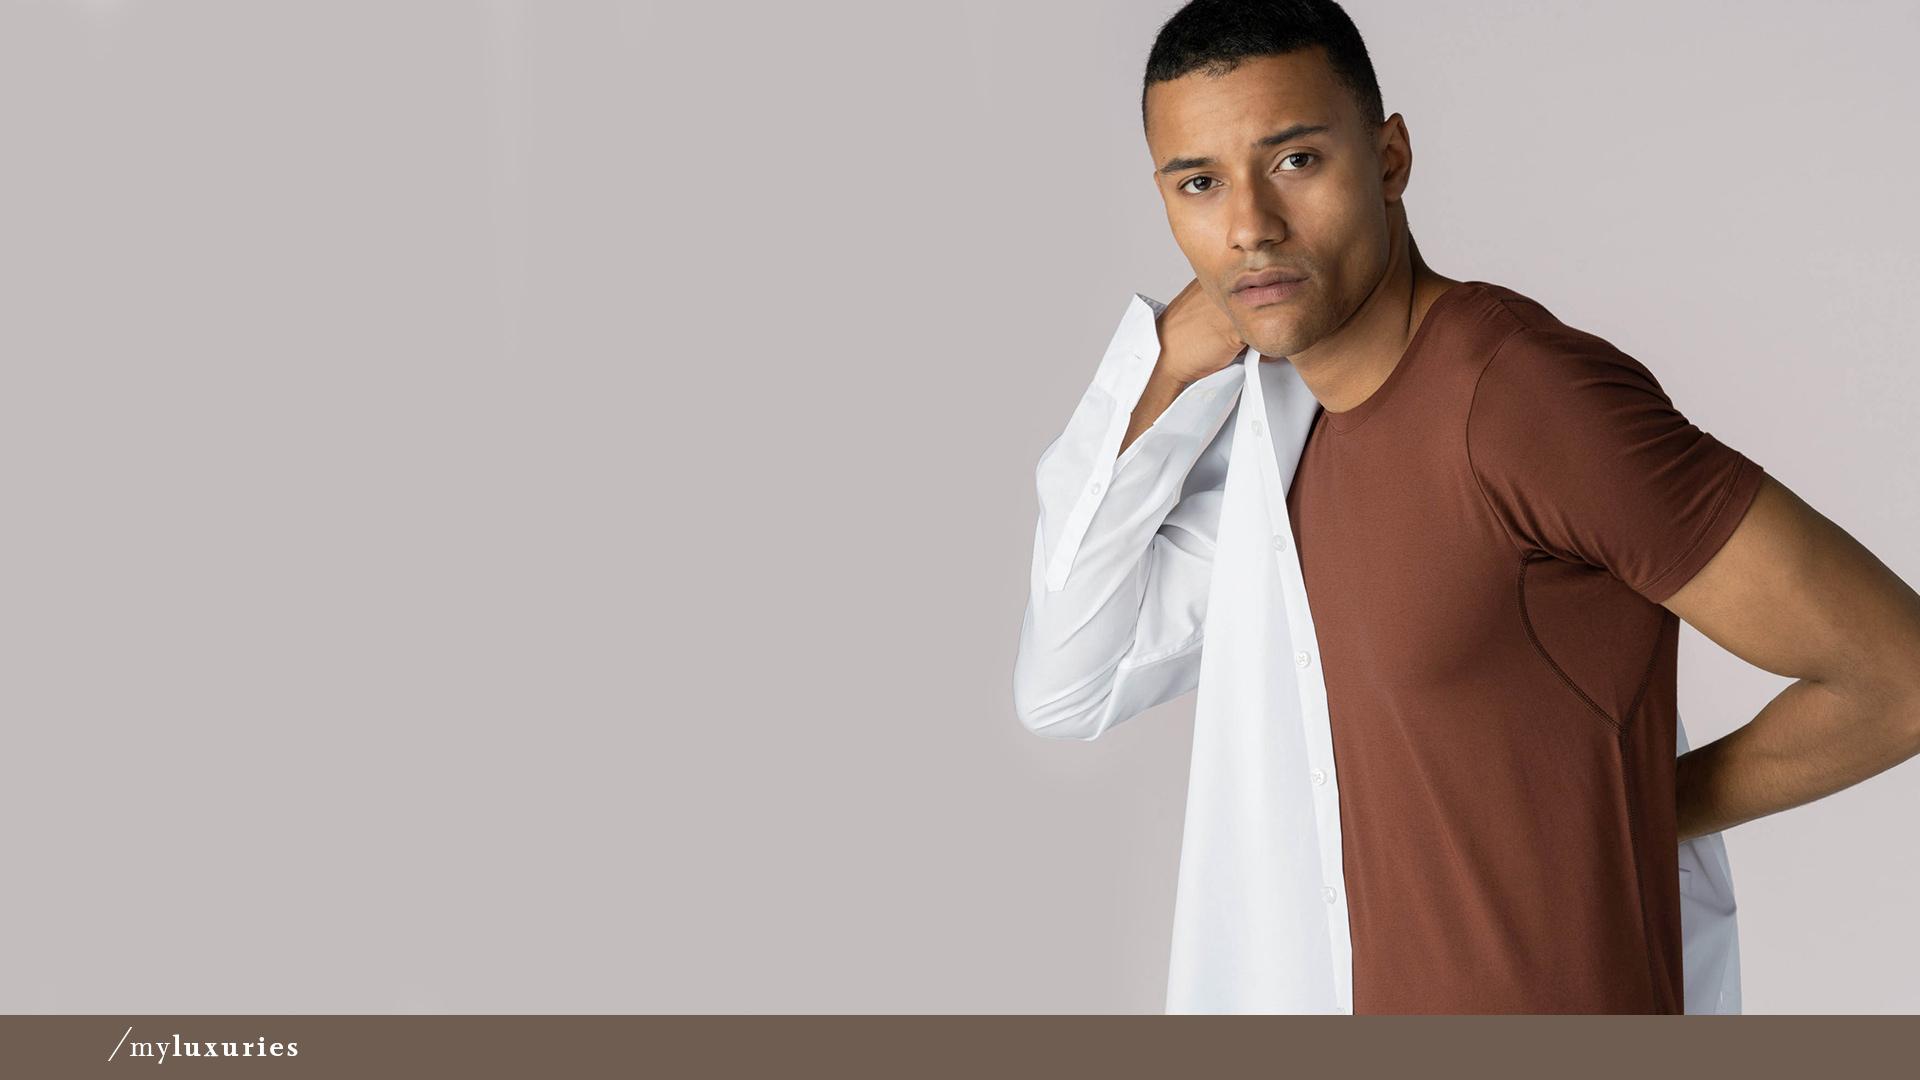 Dunkelhäutiger Mann trägt ein halb ausgezogenes Hemd sowie das Crew-Neck Shirt in der Farbe mokka aus der Serie Business Class von mey®